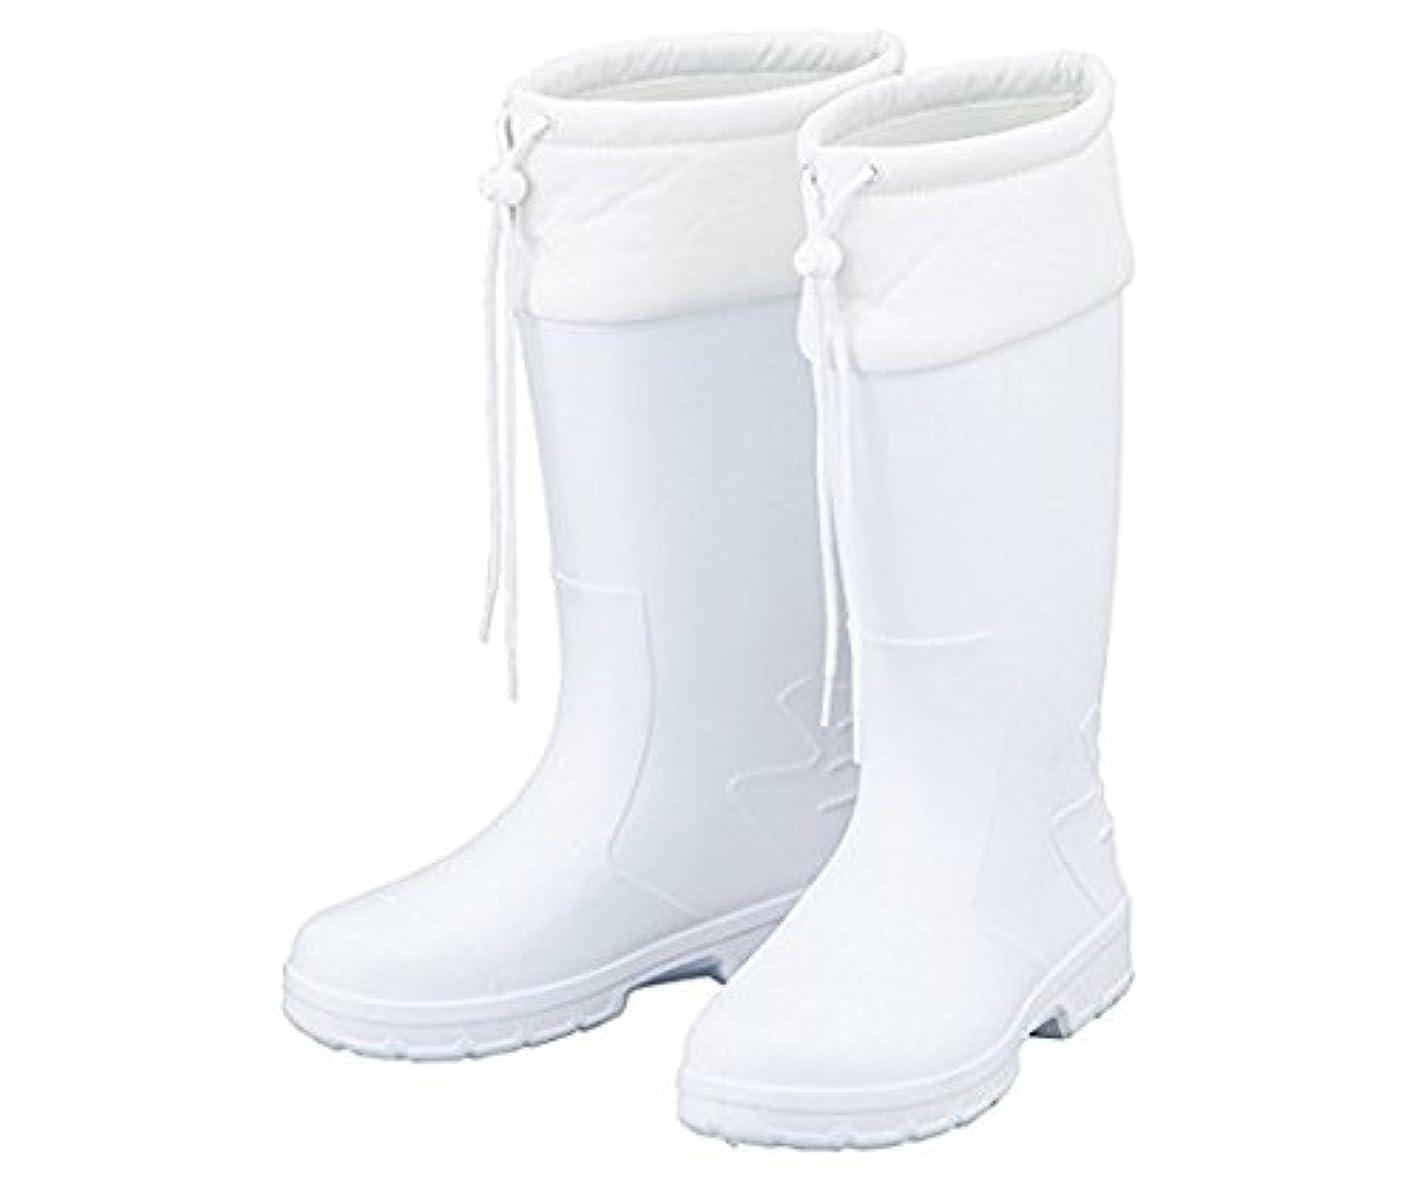 下に向けます弱いスクリーチアズワン2-3771-06サニフィット耐油長靴(カバー付き軽量タイプ)男性用27.0cm【1足】(as1-2-3771-06)